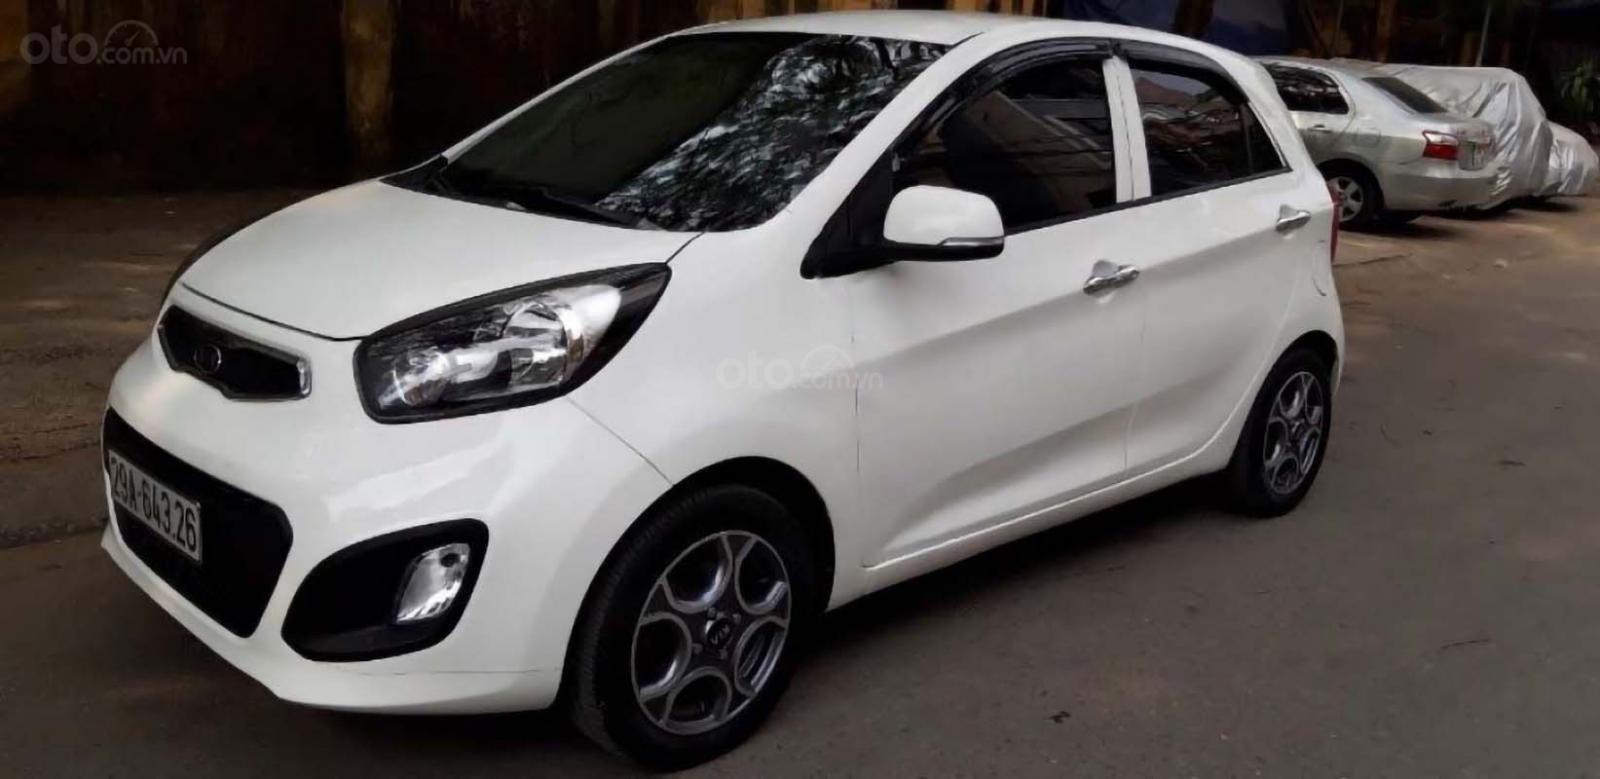 Cần bán lại xe Kia Morning EX MTH sản xuất năm 2013, màu trắng chính chủ, giá tốt (1)